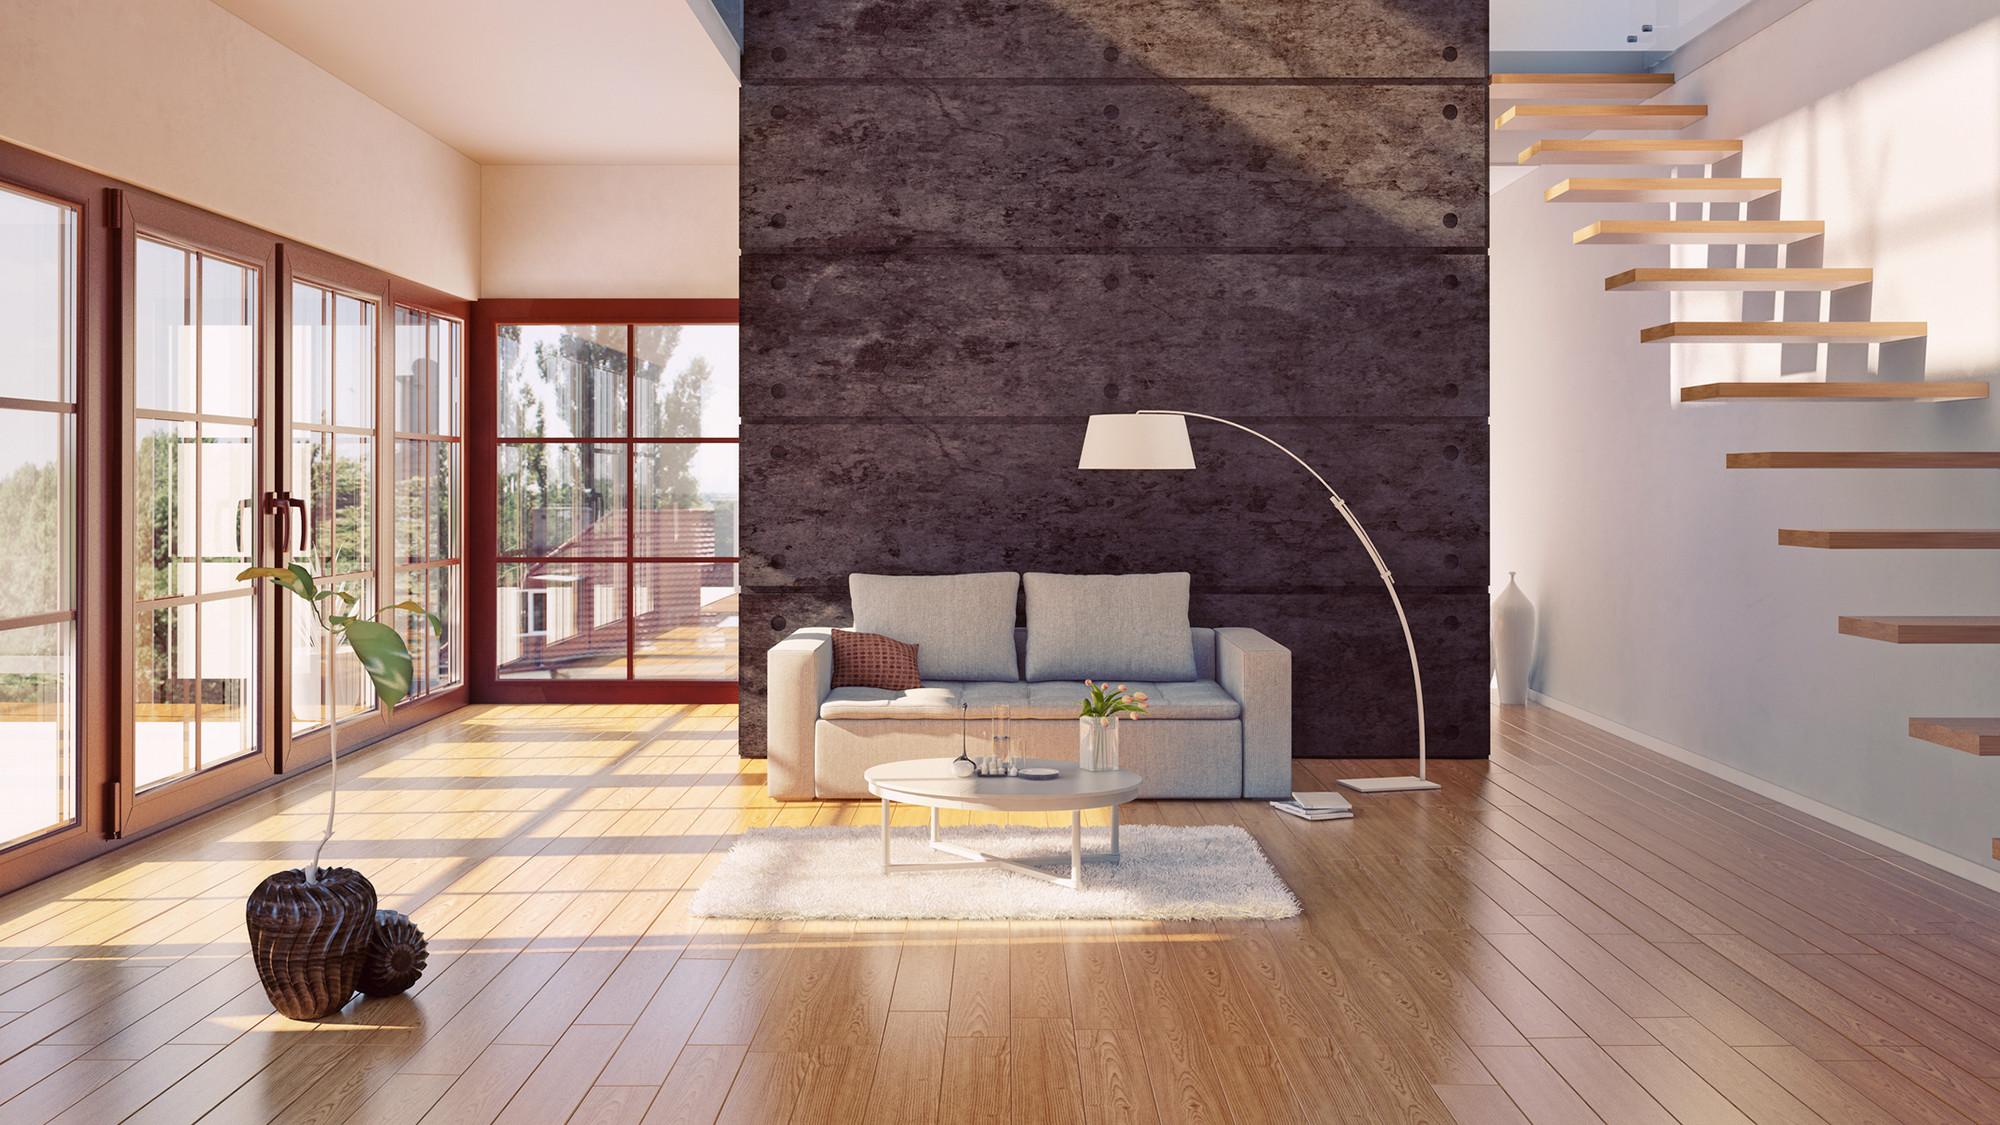 bamboo vs hardwood flooring durability of do hardwood floors provide the best return on investment realtor coma for hardwood floors investment